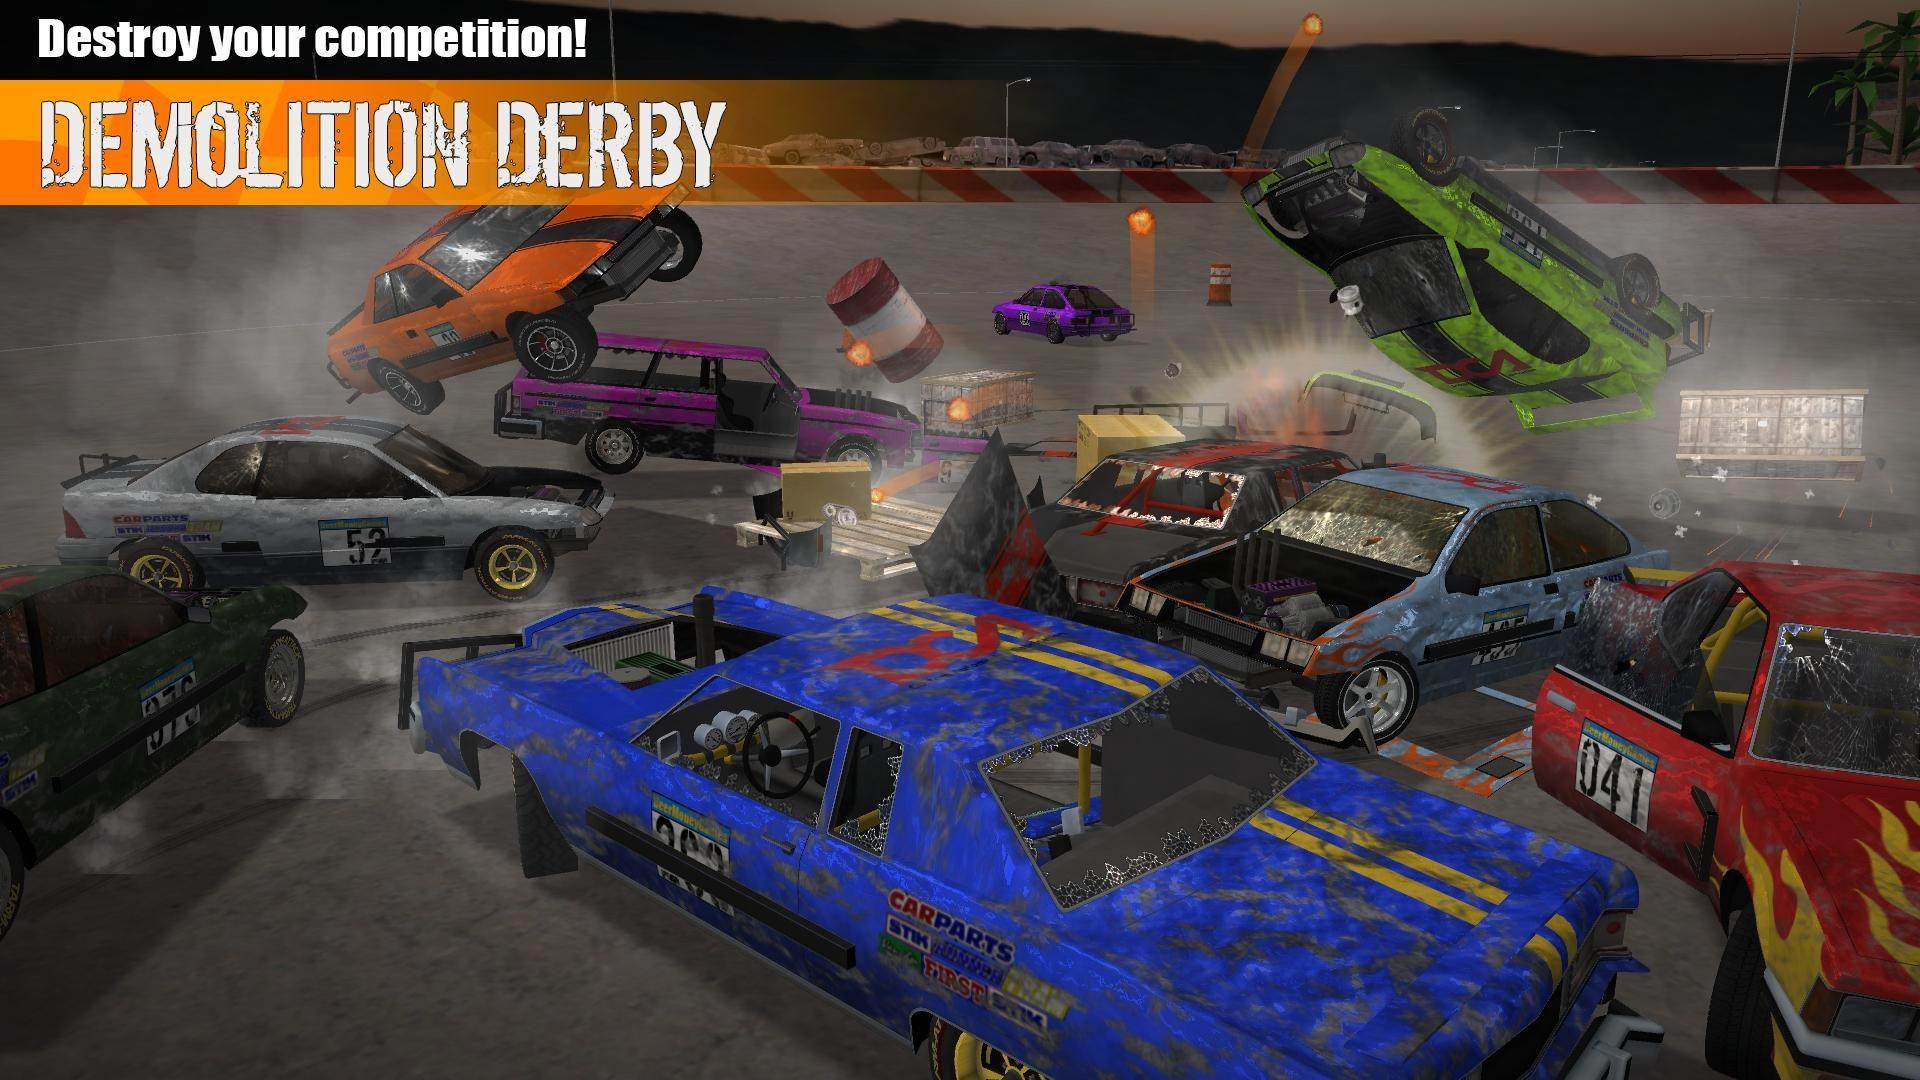 Demolition Derby 3 游戏截图5